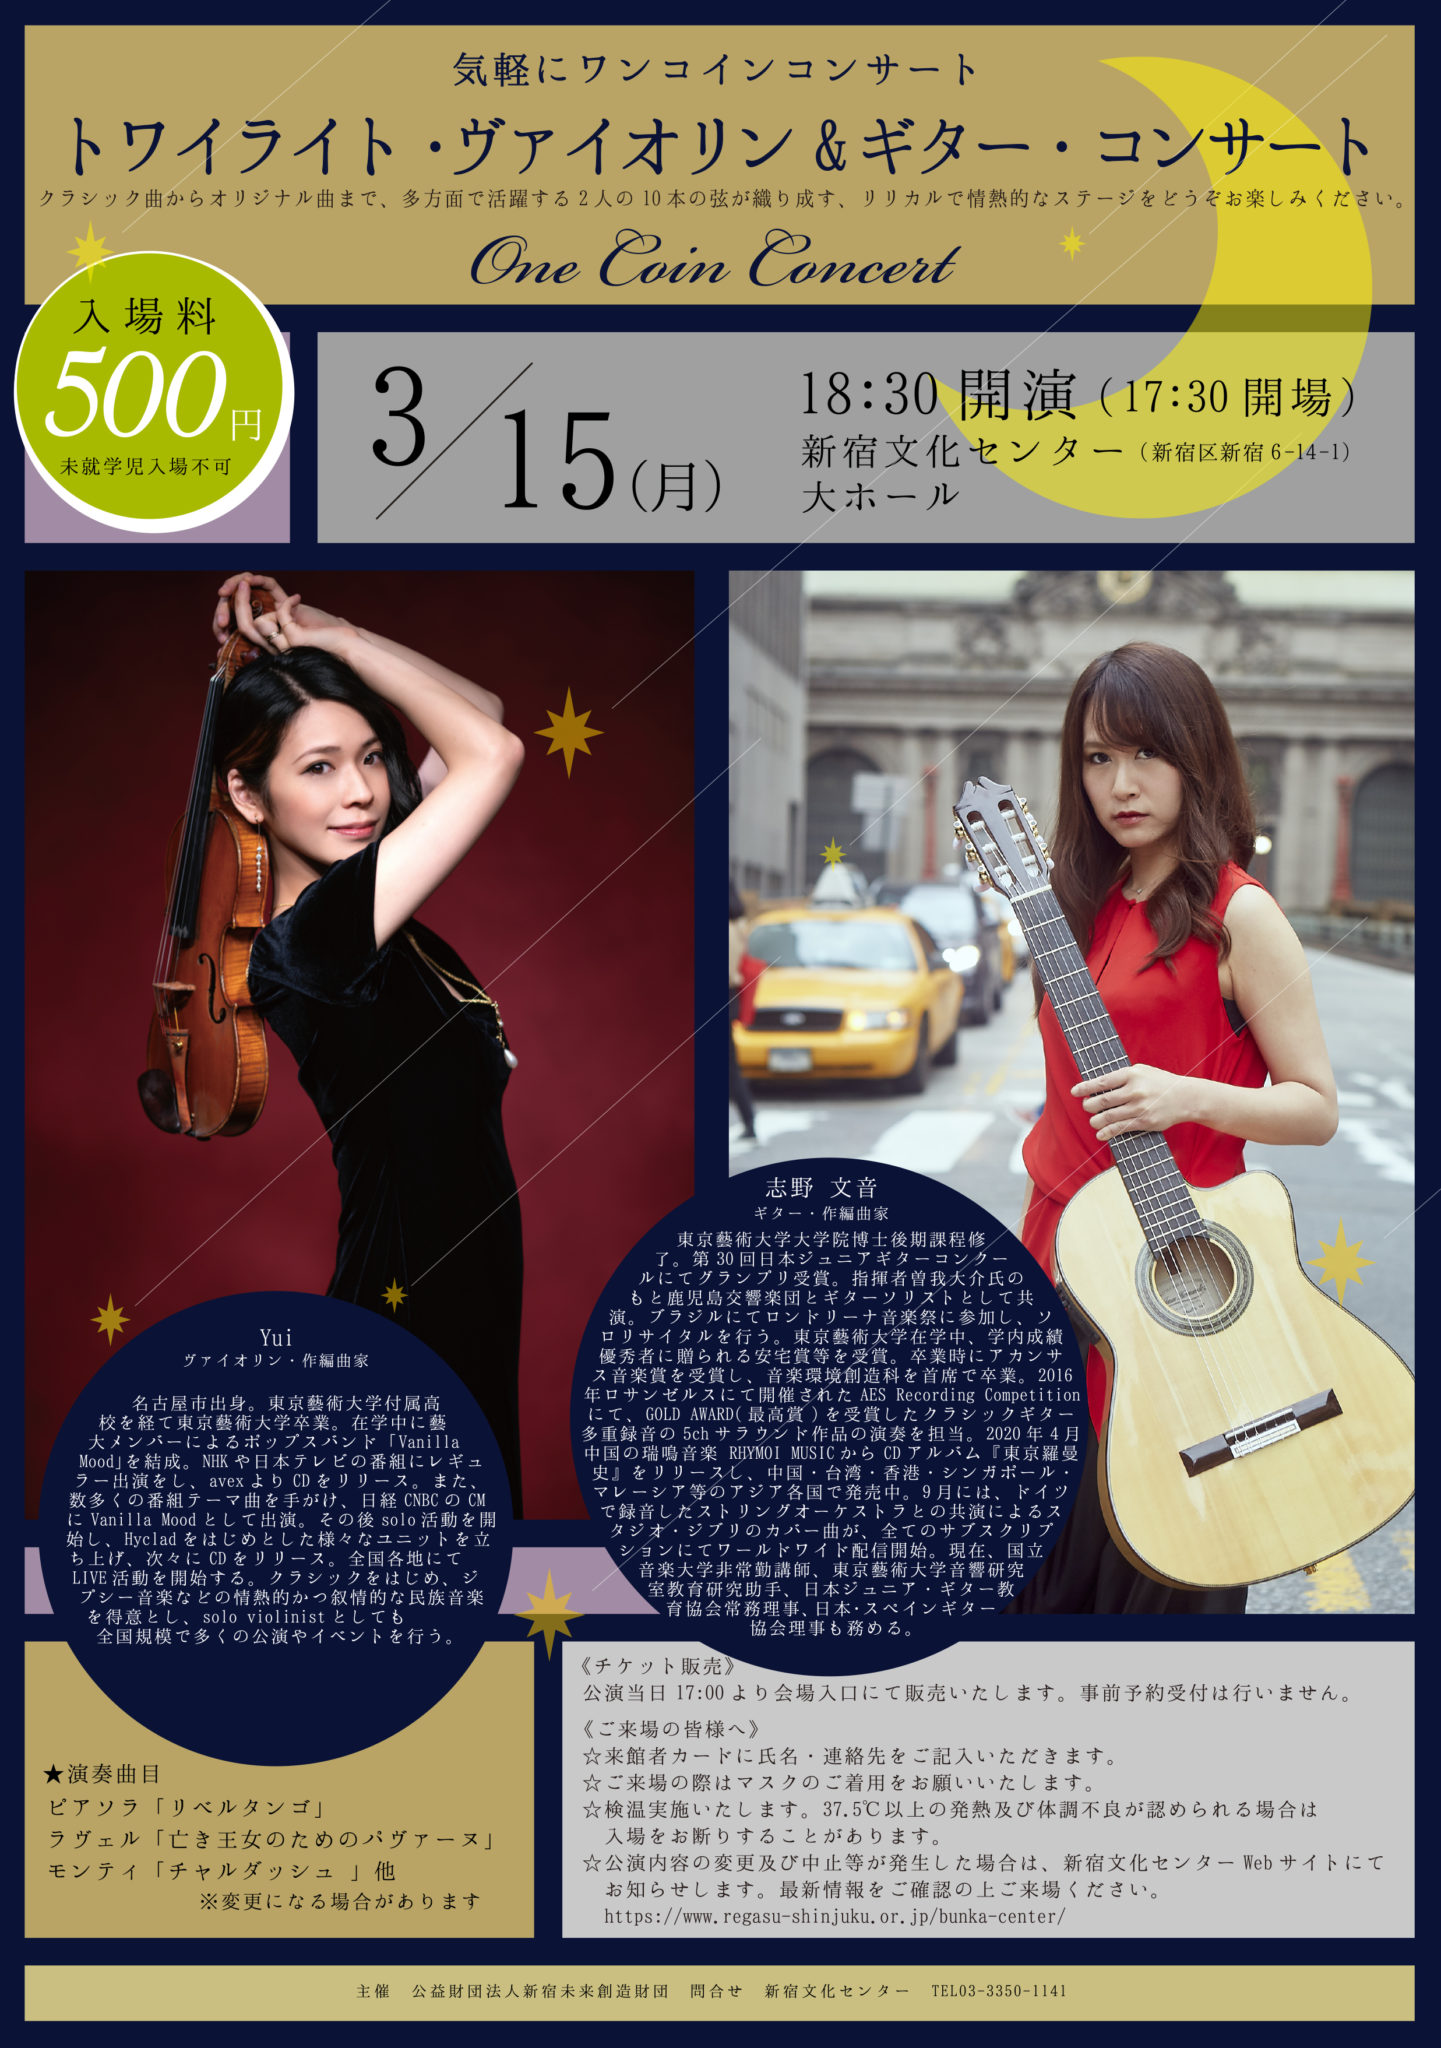 気軽にワンコインコンサート「トワイライト・ヴァイオリン & ギター・コンサート」